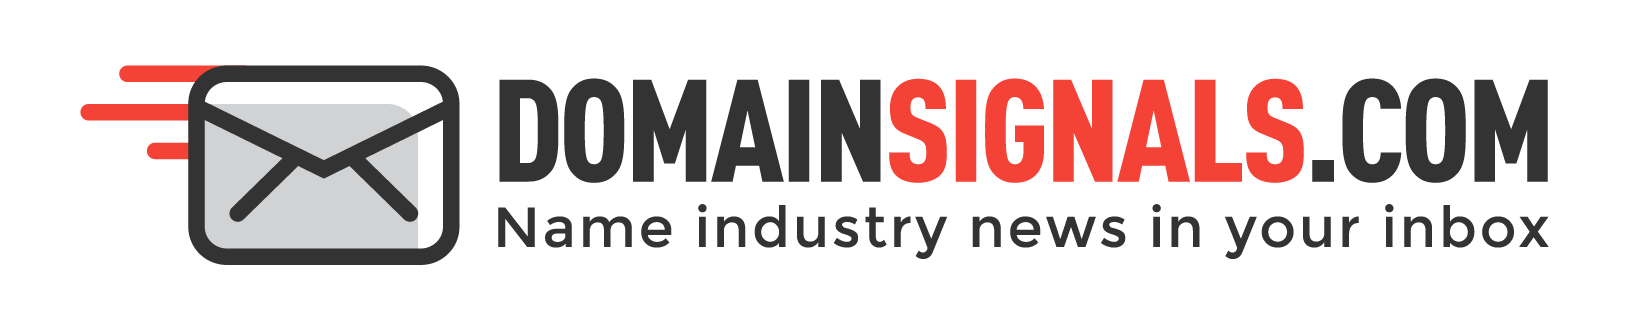 Domain Signals